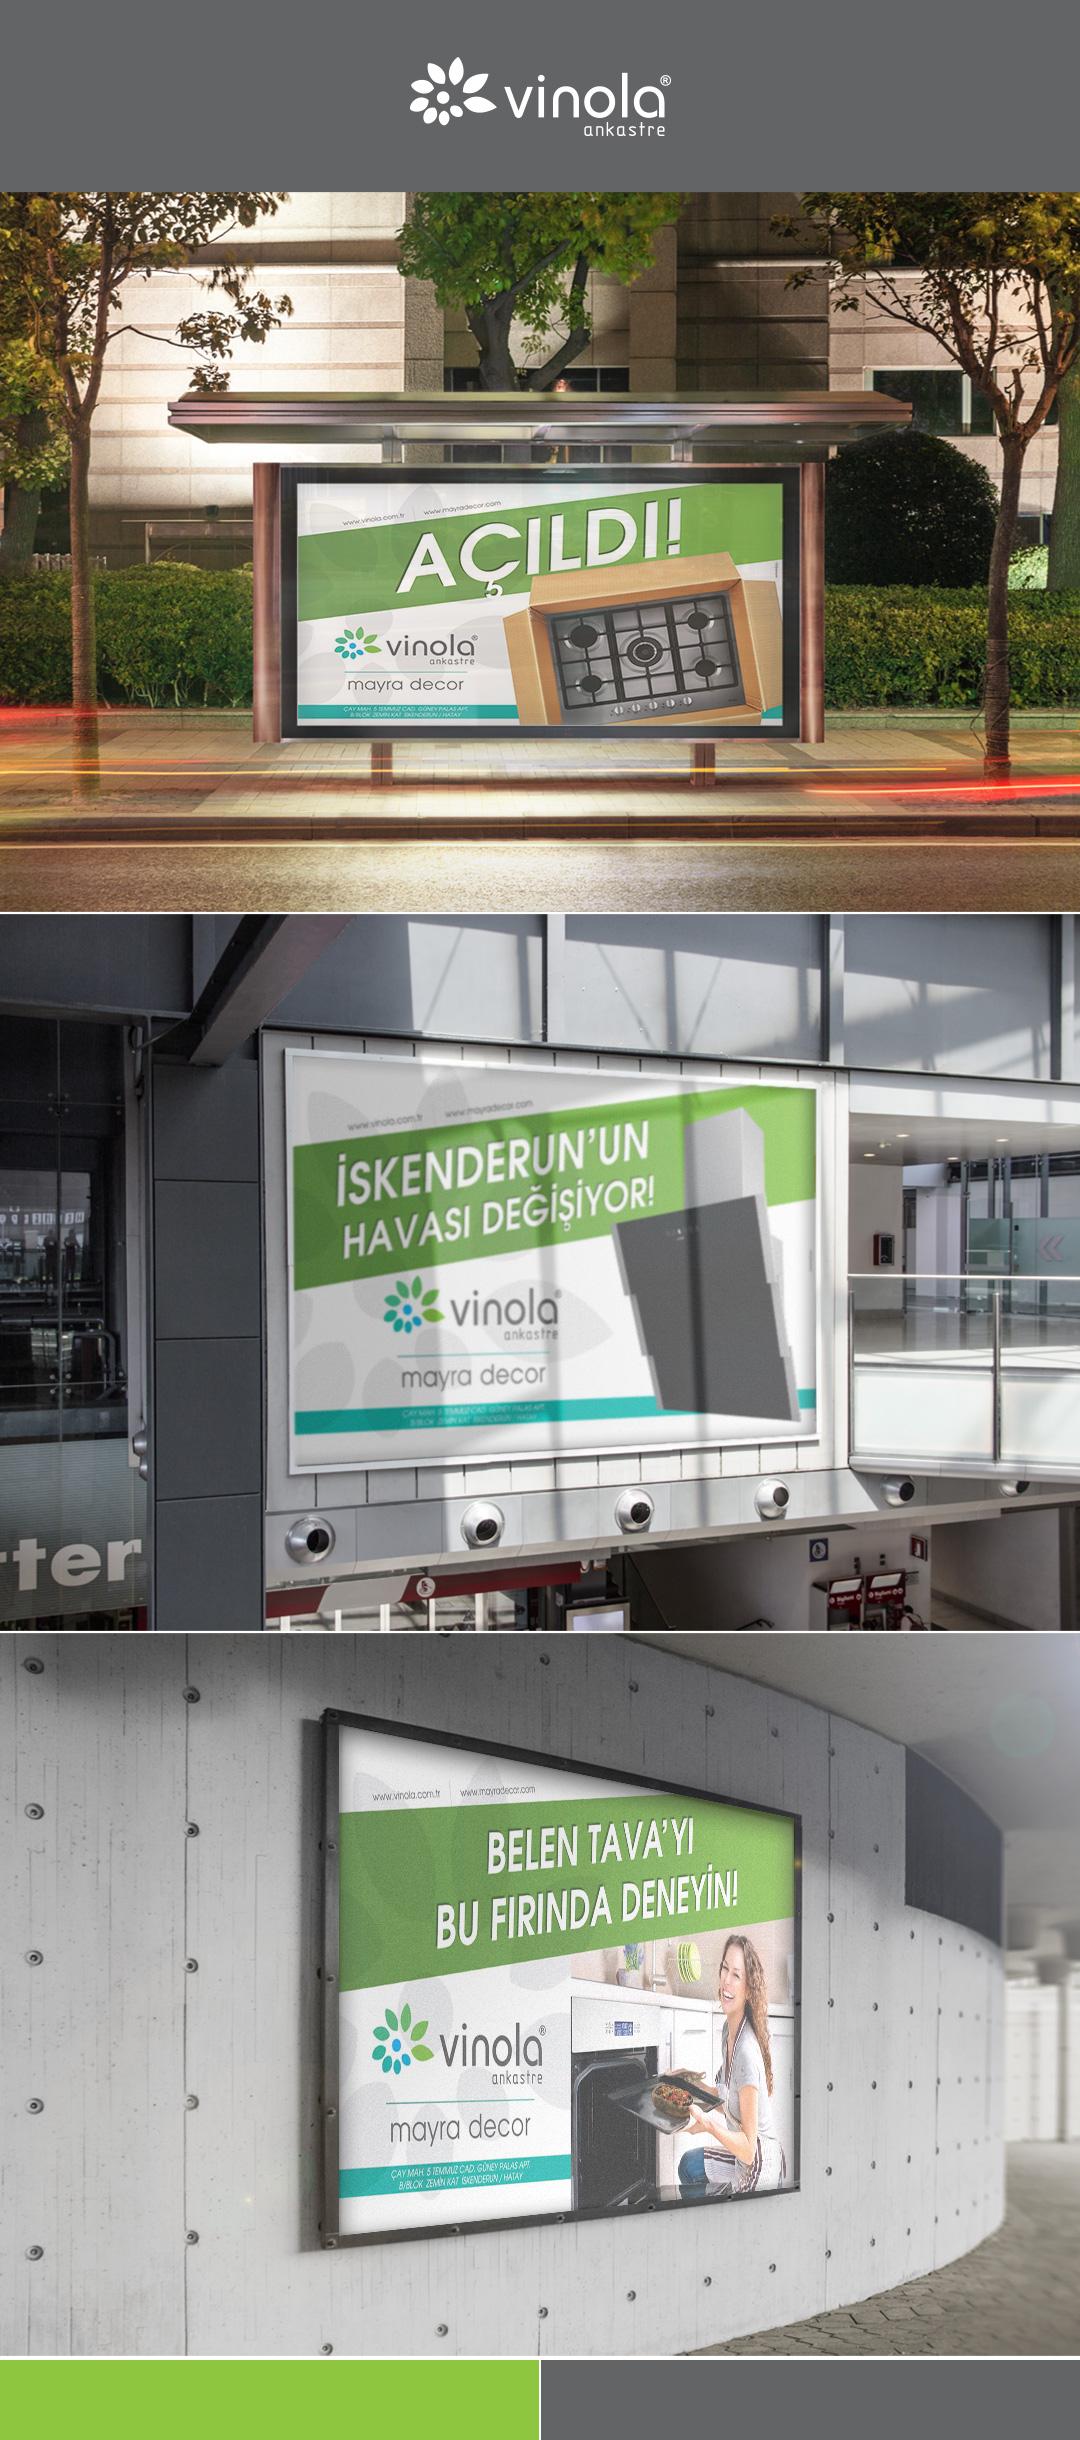 Vinola Ankastre Hatay Şubesi açılışı için hazırlanan billboard tasarımları